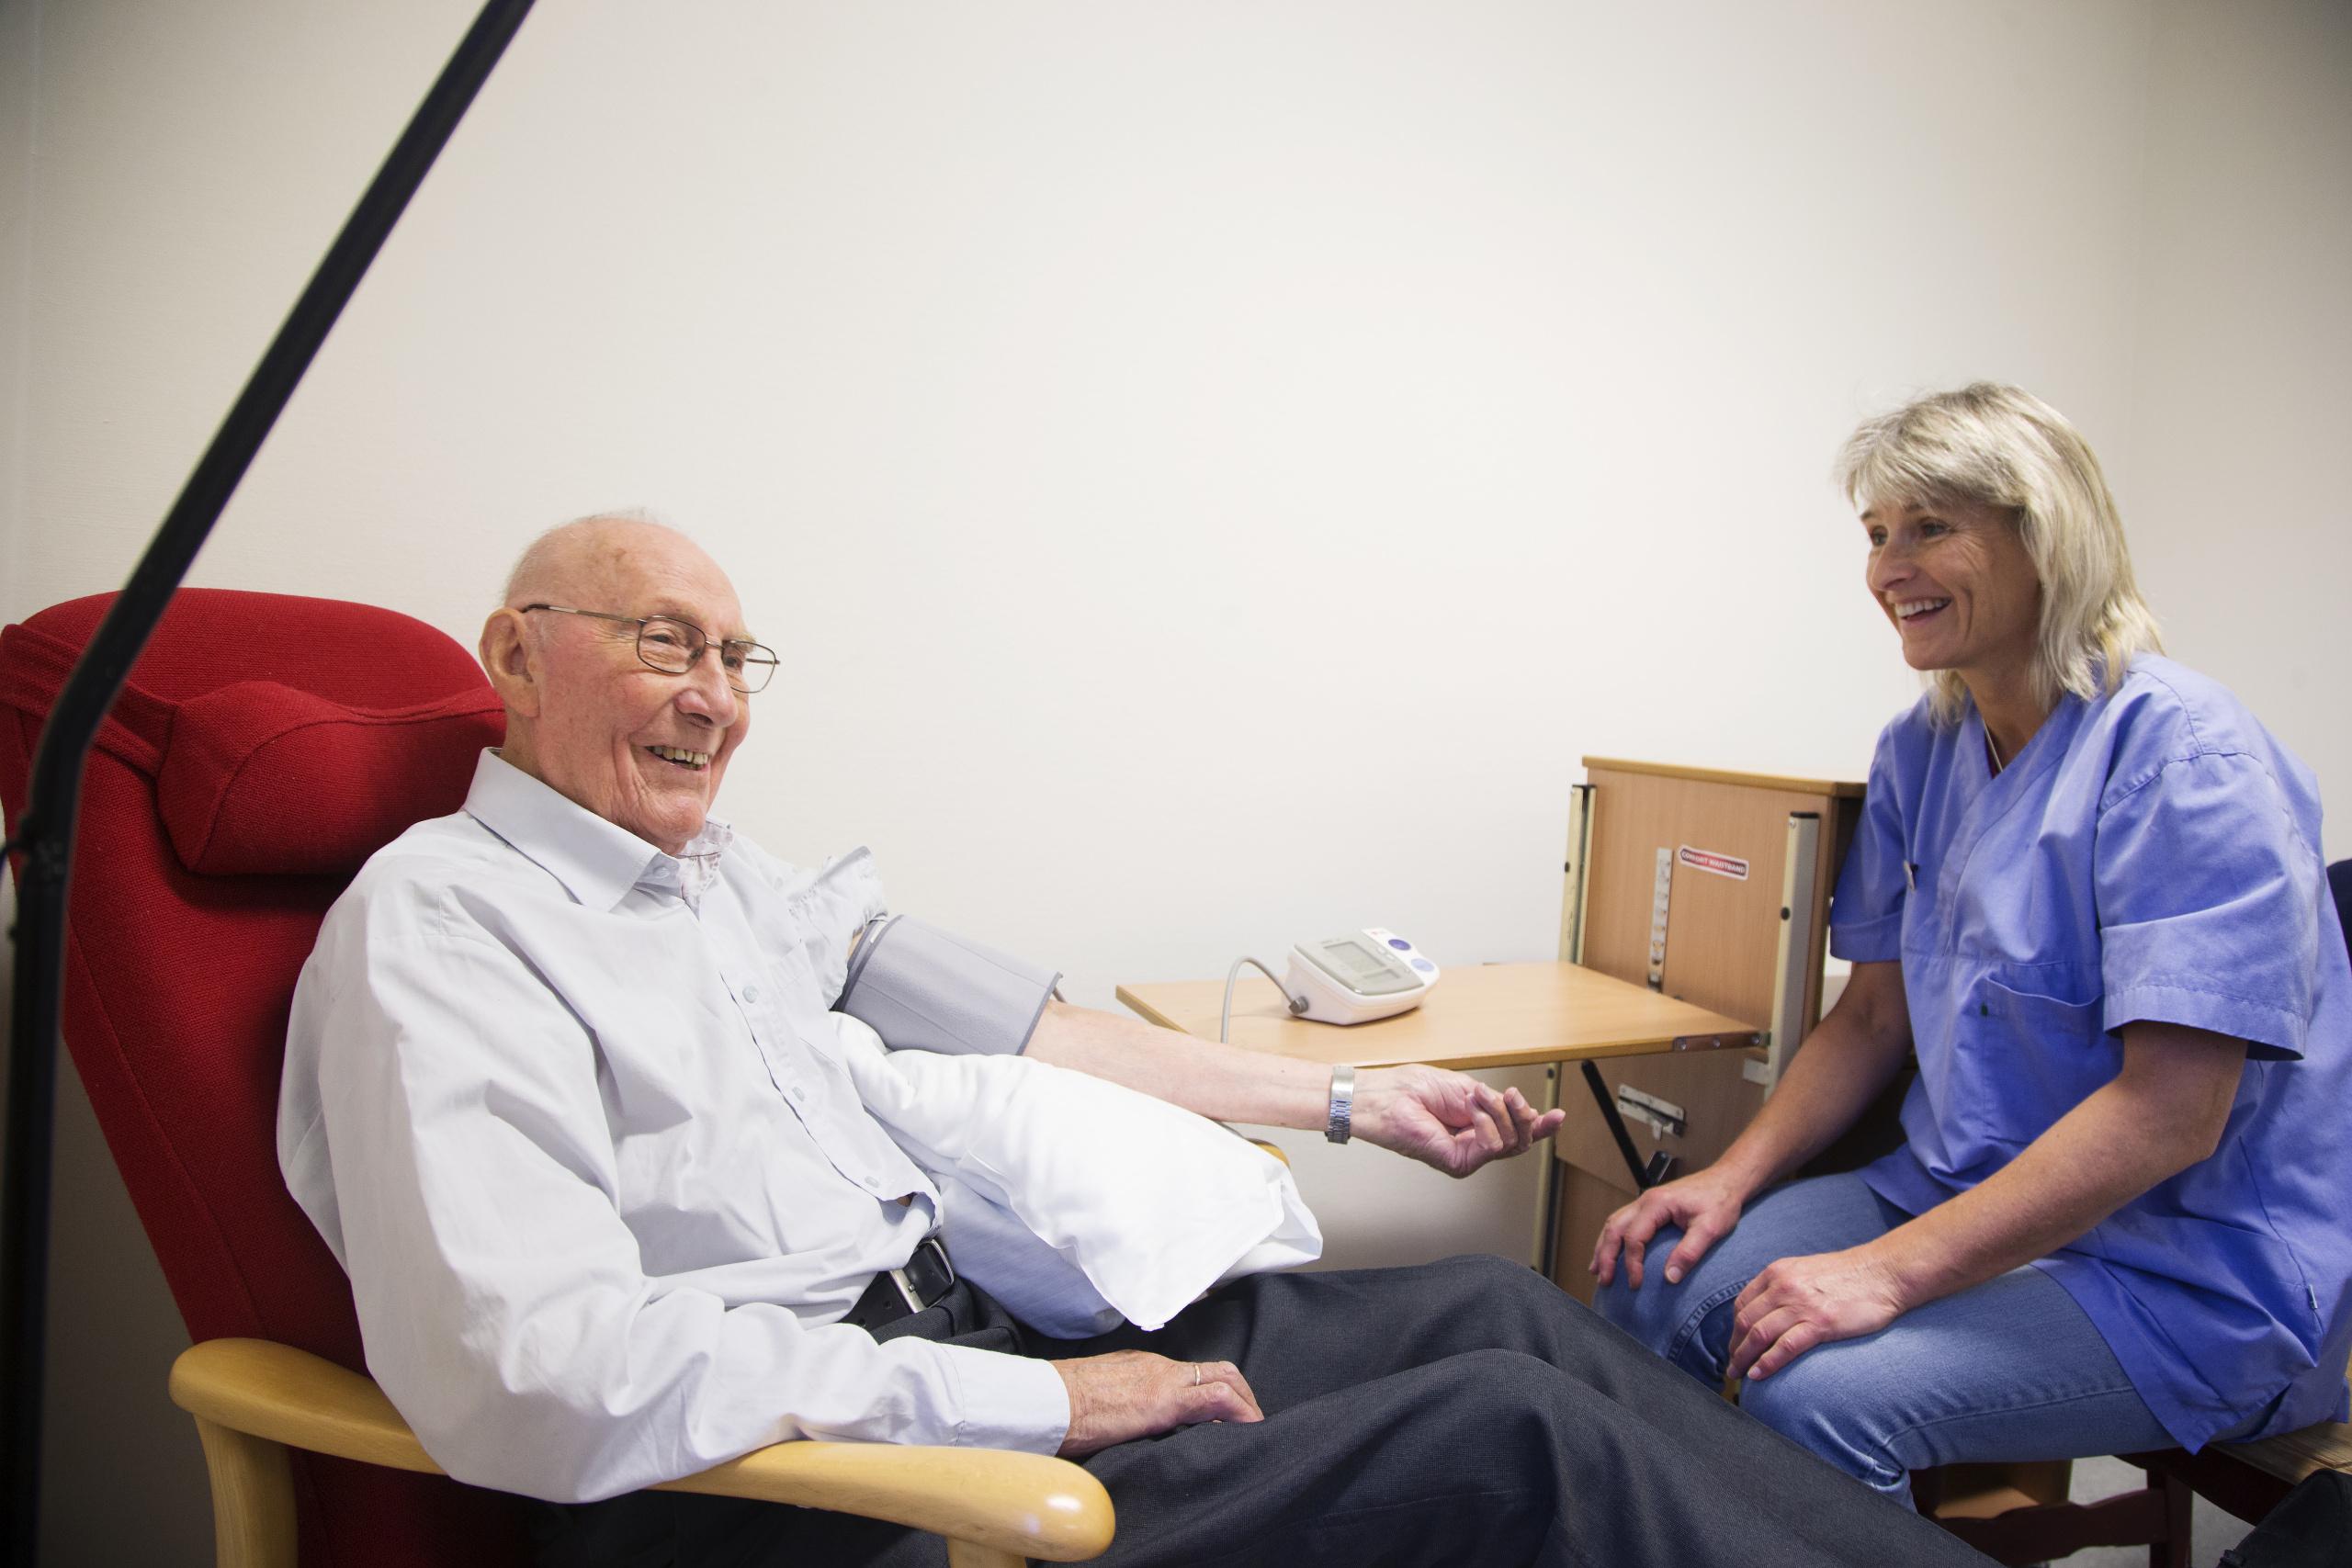 Eldre mannlig pasient og kvinnelig behandler